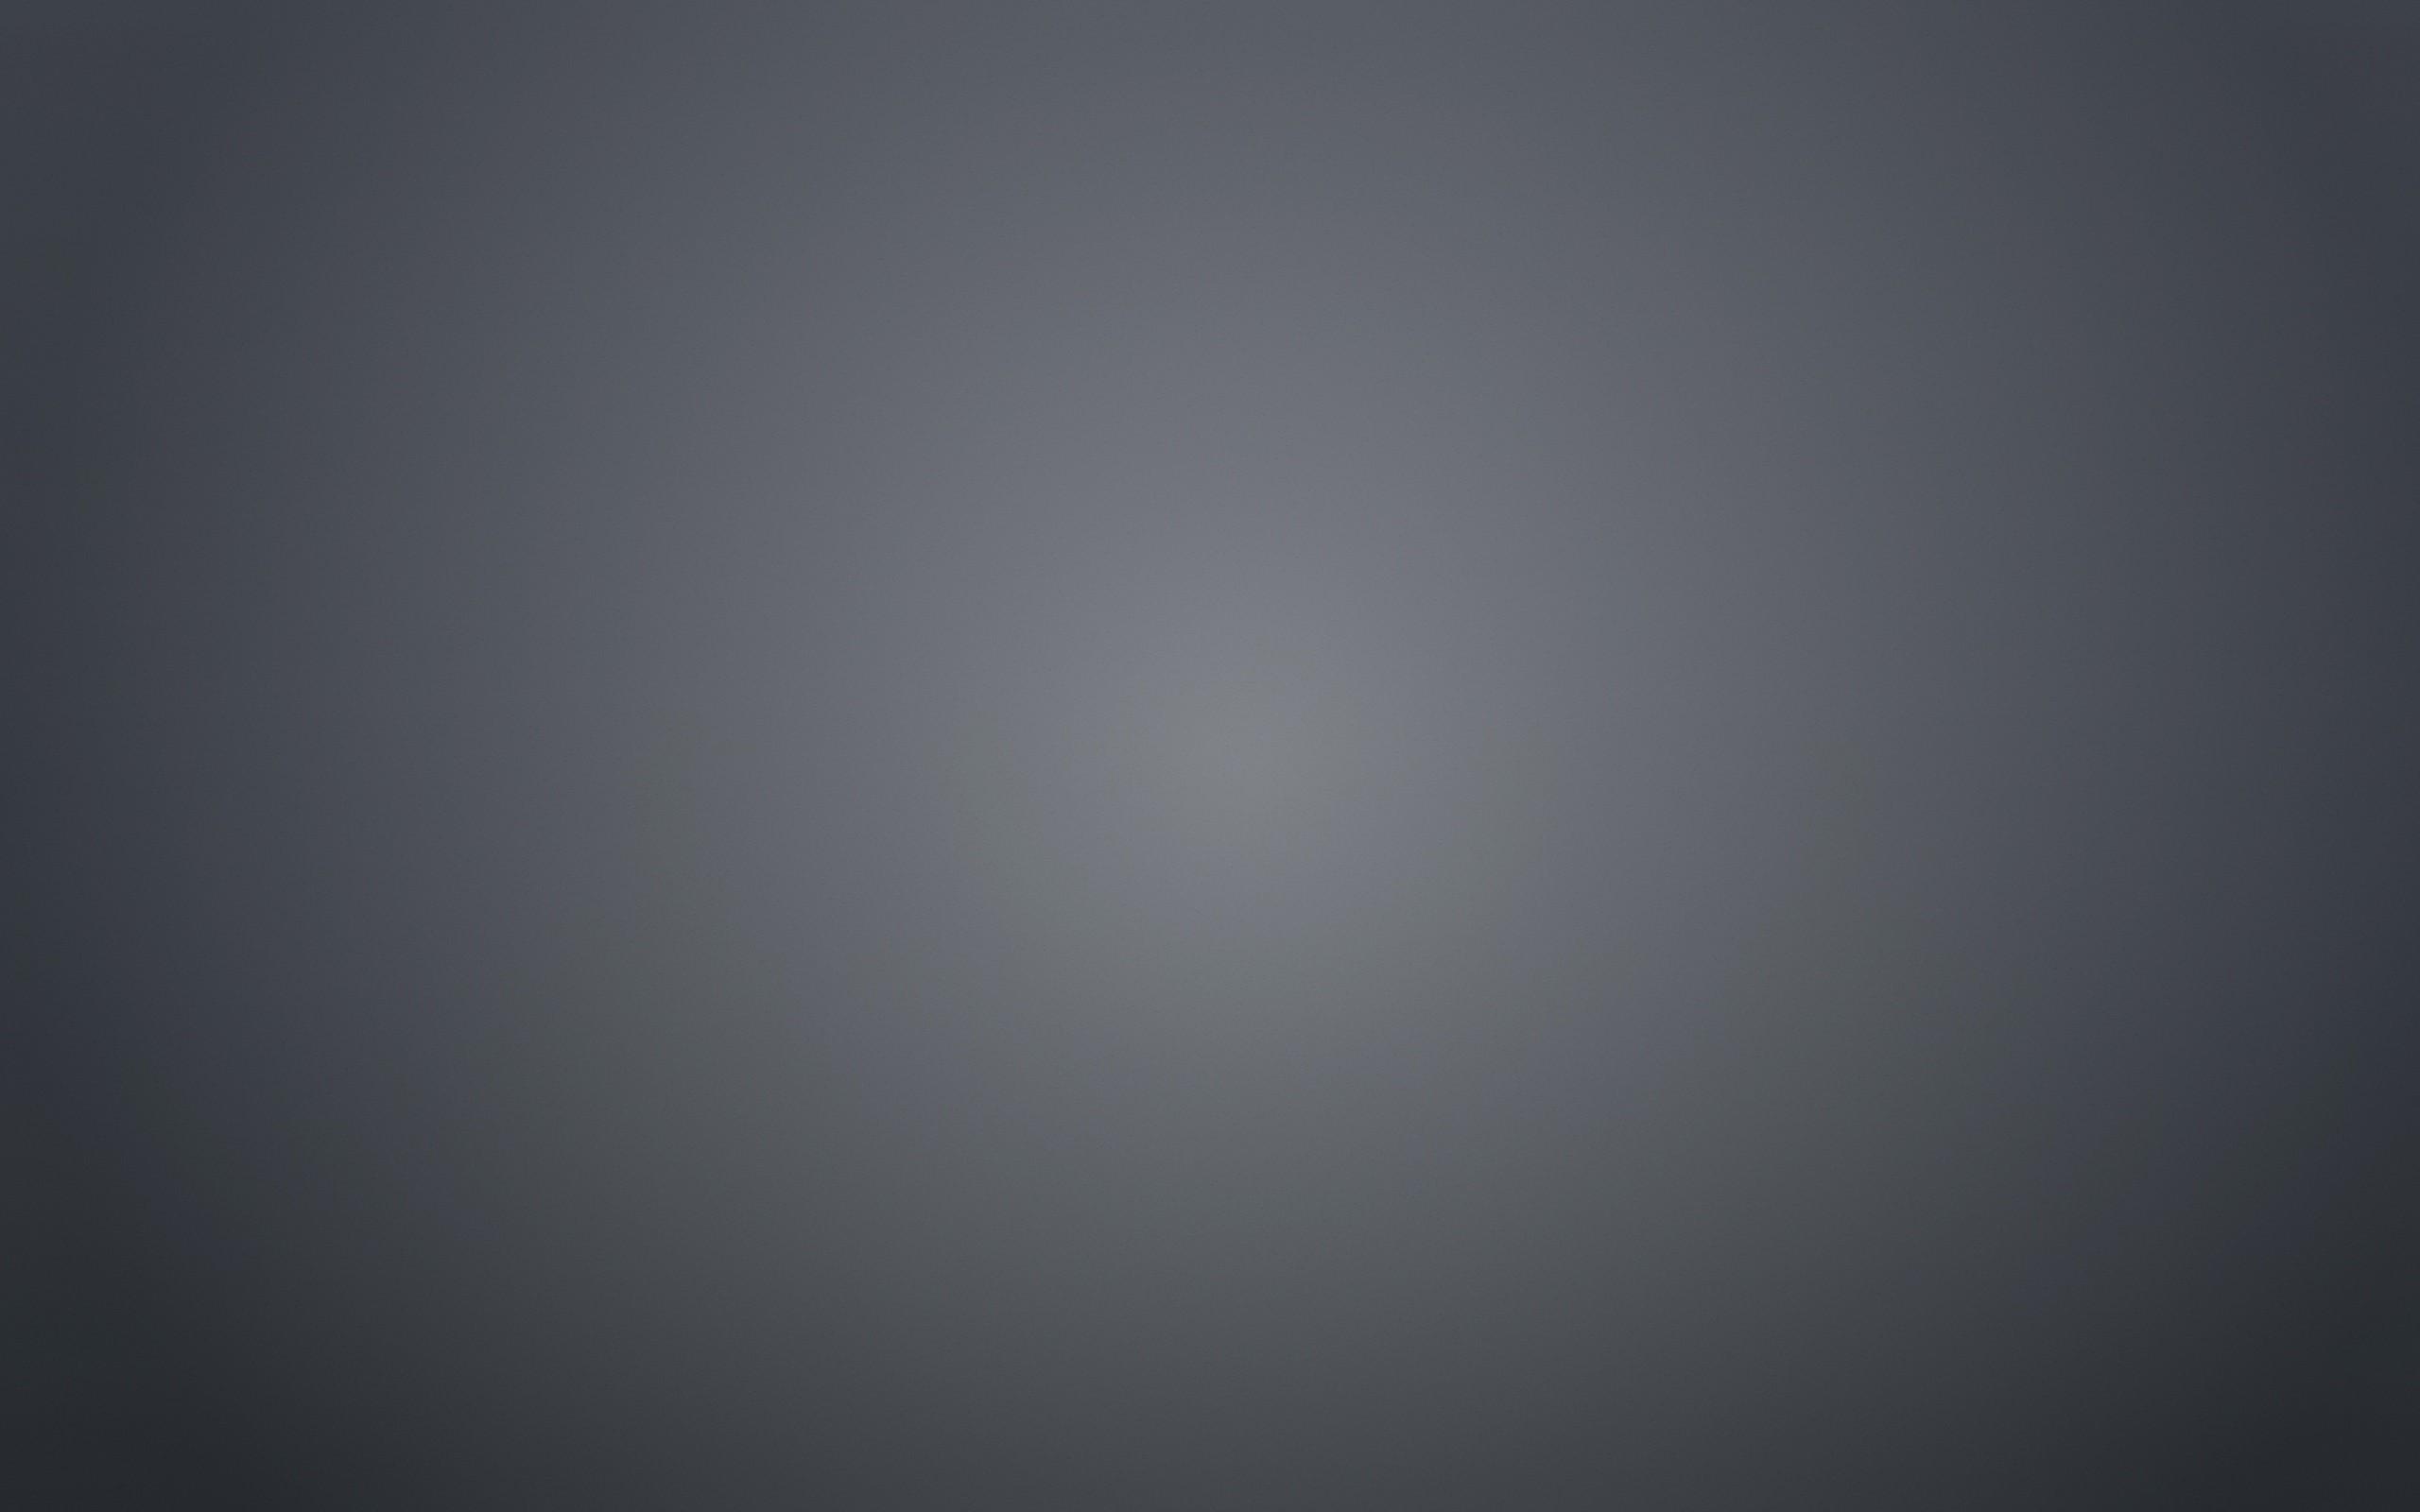 Iphone X Wallpaper Stock Hd Die 81 Besten Grau Hintergrundbilder